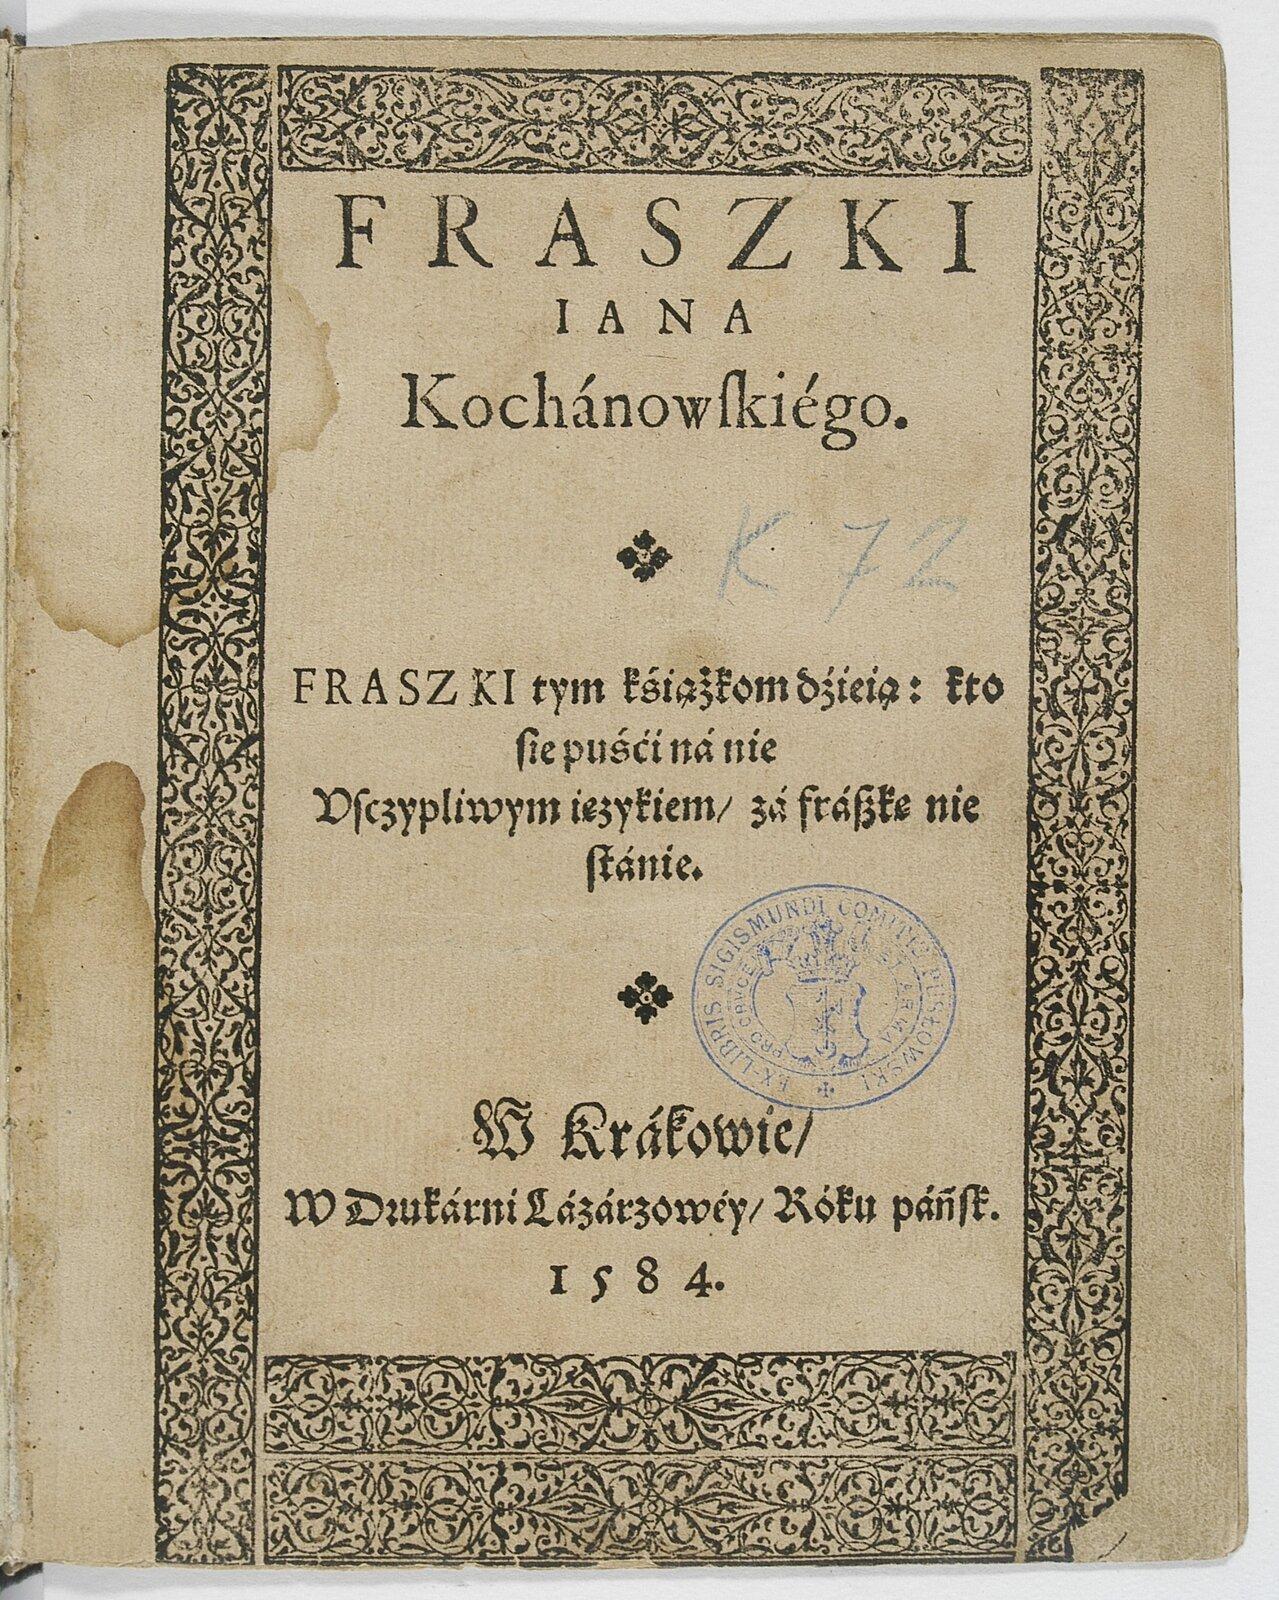 Fraszki Iana Kochanowskiego (strona tytułowa) Źródło: Jan Kochanowski, Fraszki Iana Kochanowskiego (strona tytułowa), 1584, domena publiczna.